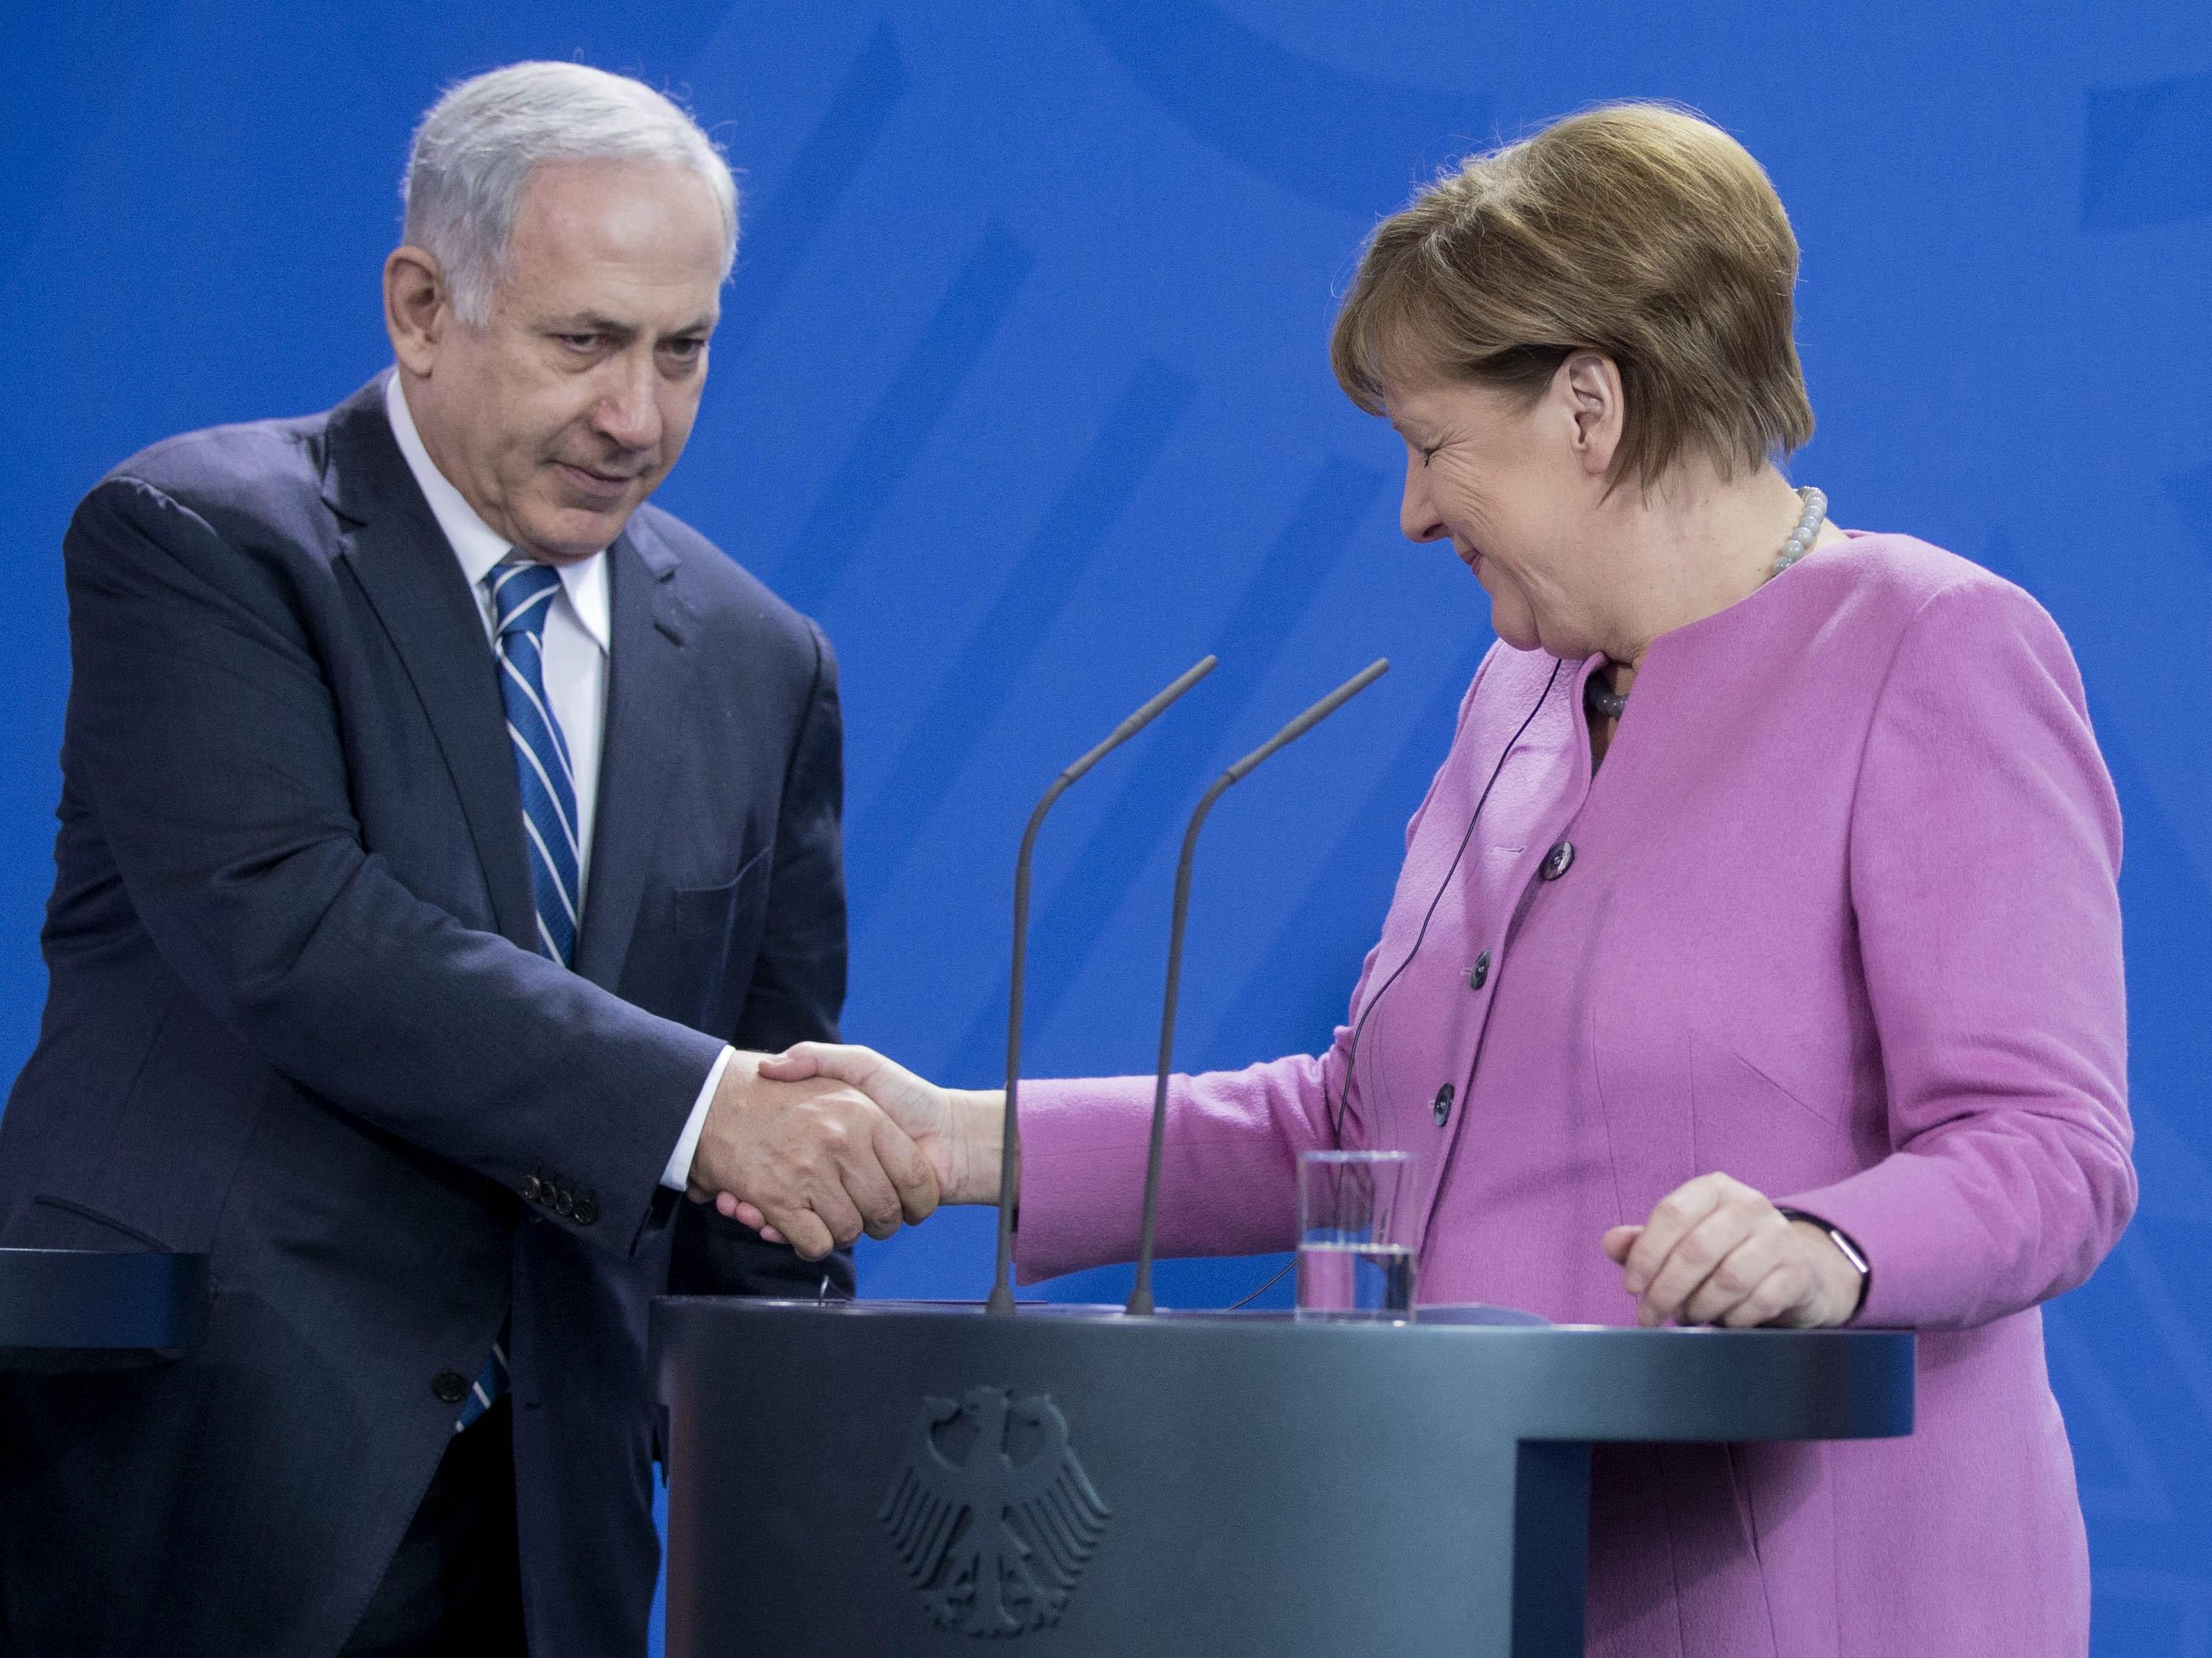 Izrael visszautasítja a Spiegel cikkét, ami arról szólt, hogy sokat romlott a német - izraeli viszony